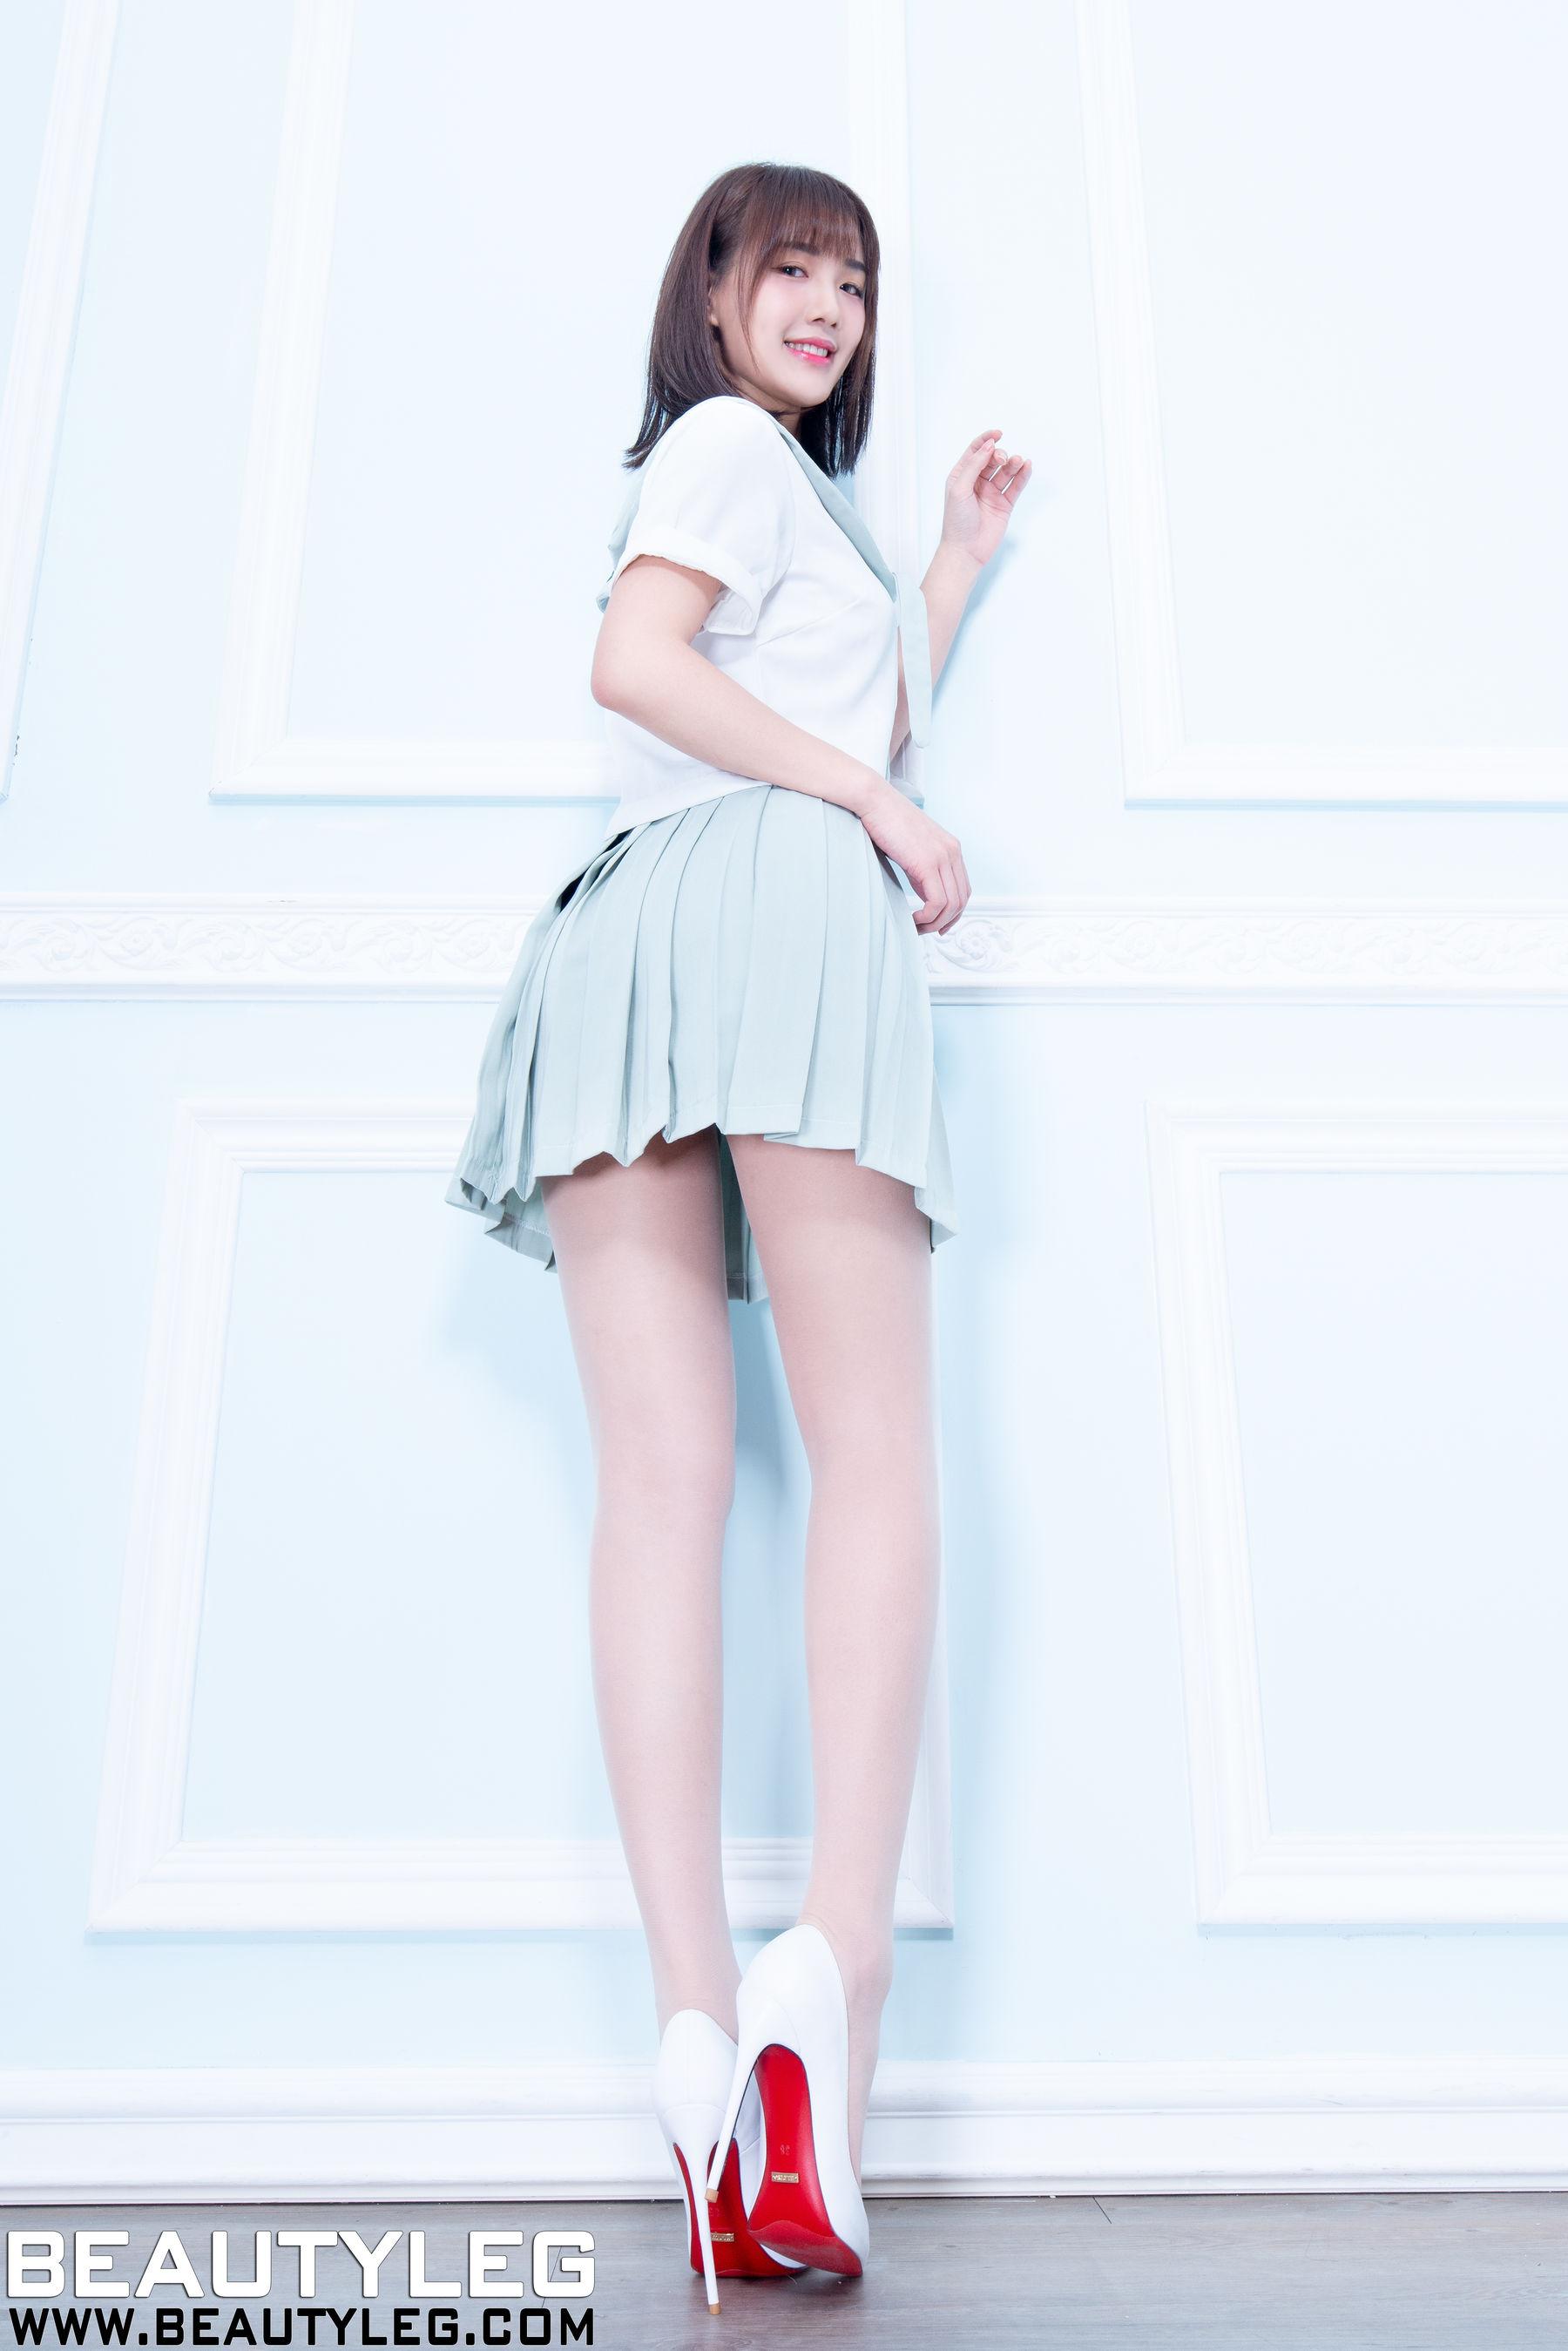 VOL.397 [Beautyleg]制服美腿肉丝美腿:腿模Wendy(Beautyleg Wendy)超高清个人性感漂亮大图(71P)